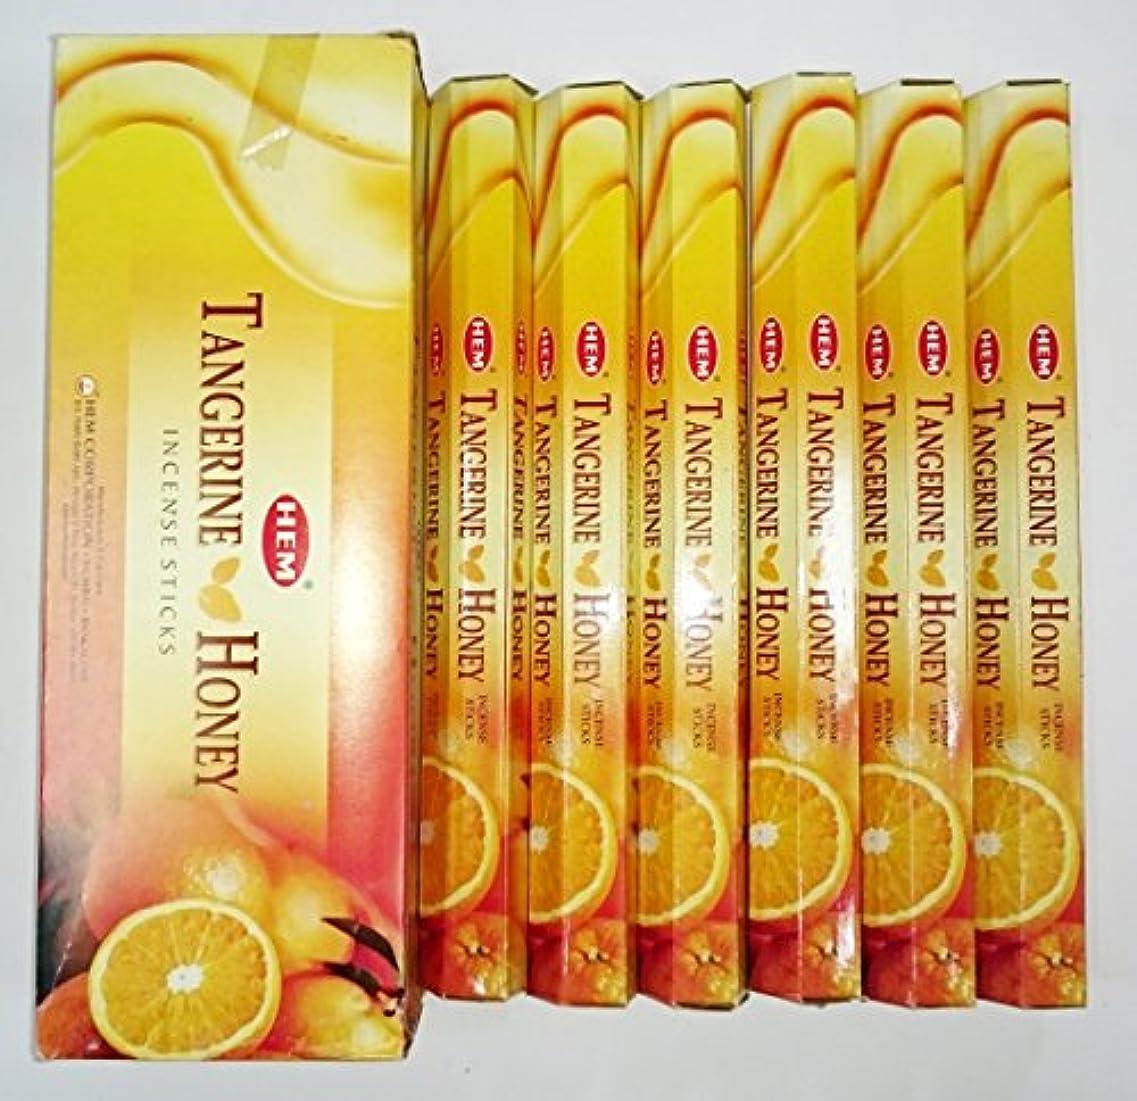 ペデスタル良心的どっちでもHEM (ヘム) インセンス スティック へキサパック タンジェリンハニー 6角(20本入)×6箱 [並行輸入品]Tangerine Honey